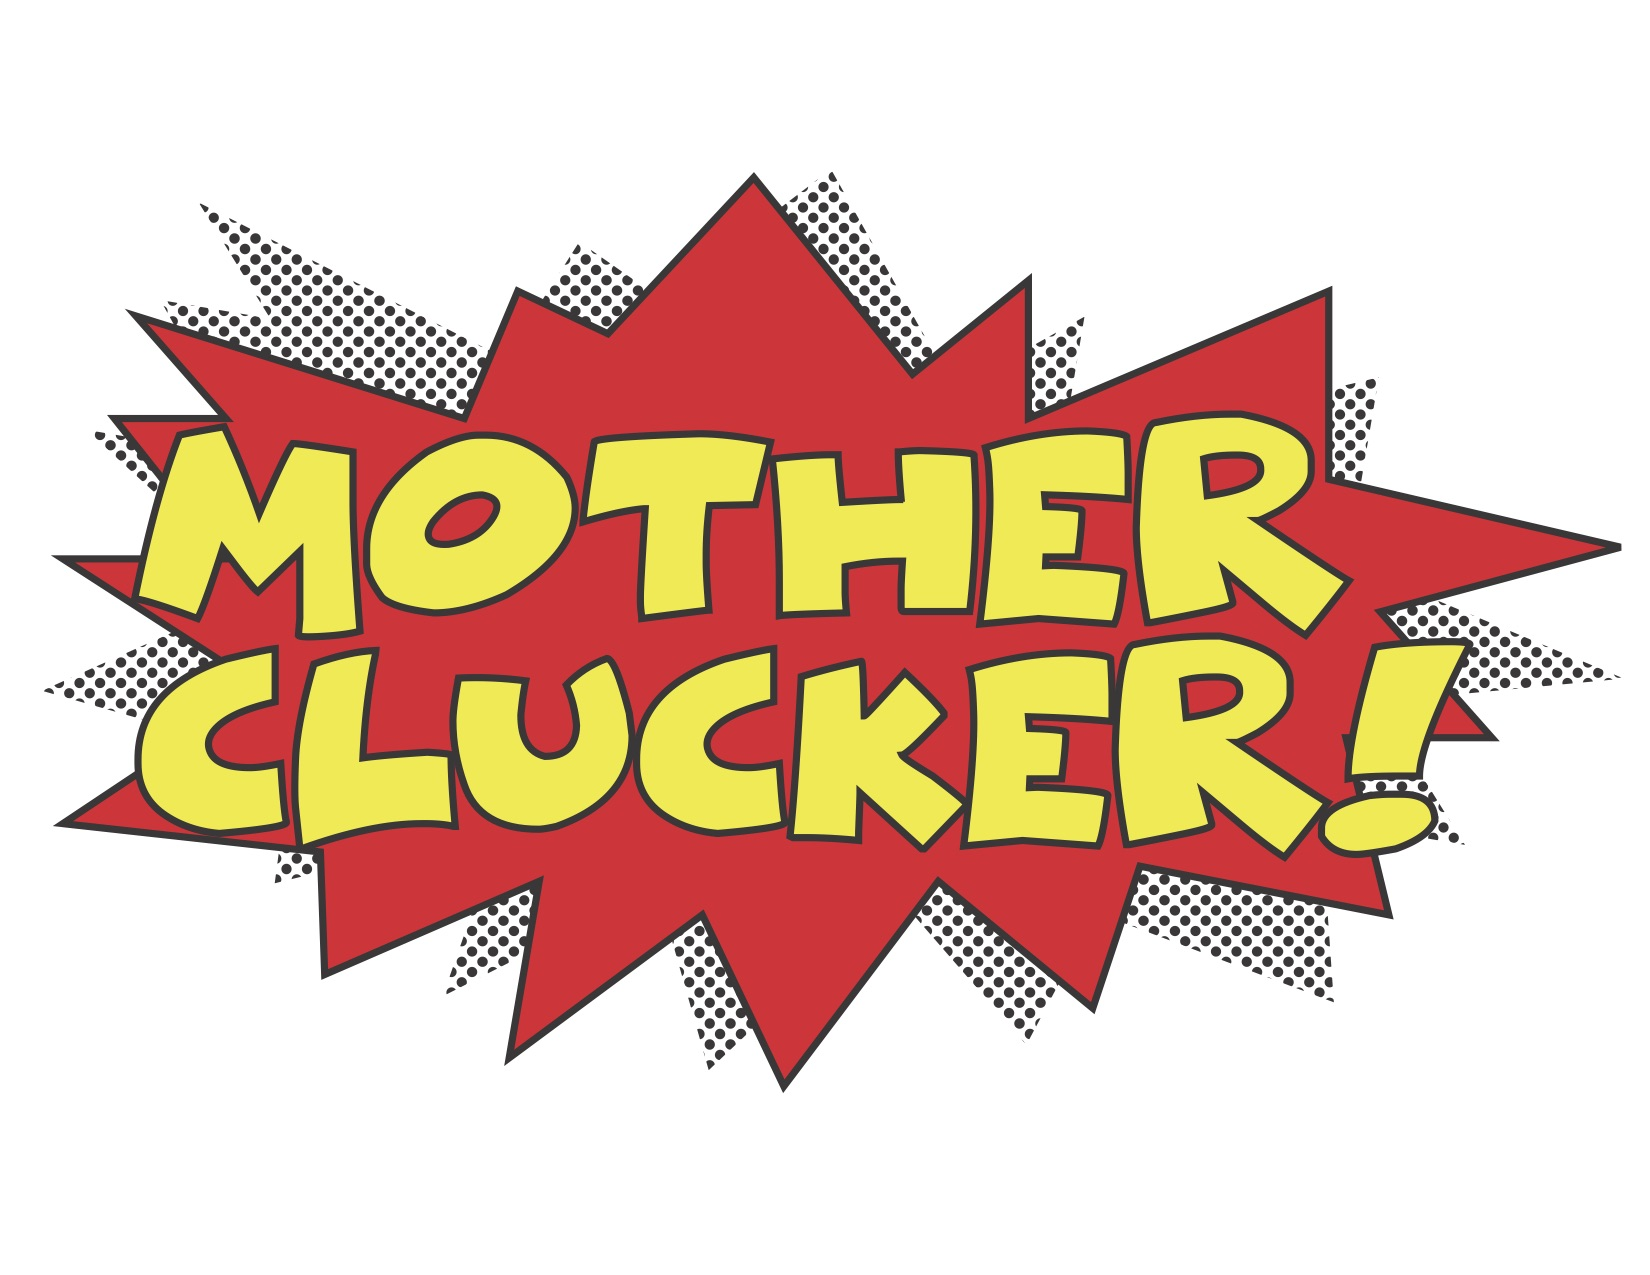 MotherClucker.Logos.01 (2.jpg